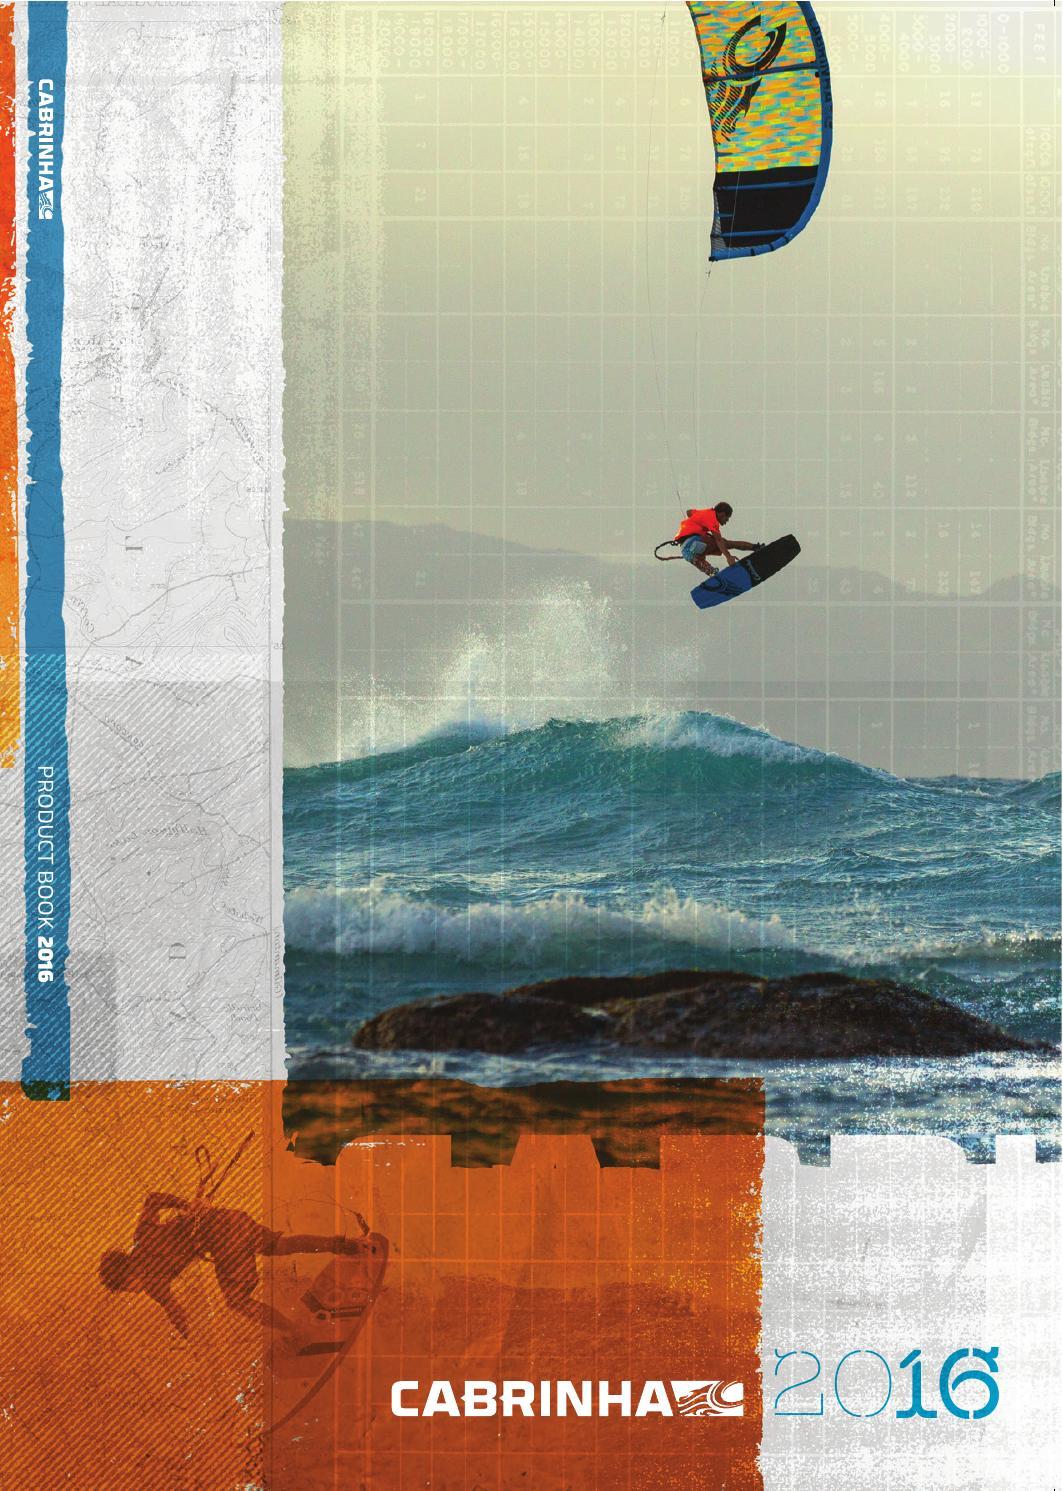 4 pcs 1.5 inch fins for kiteboard kitesurfing kiteboarding board fly surf